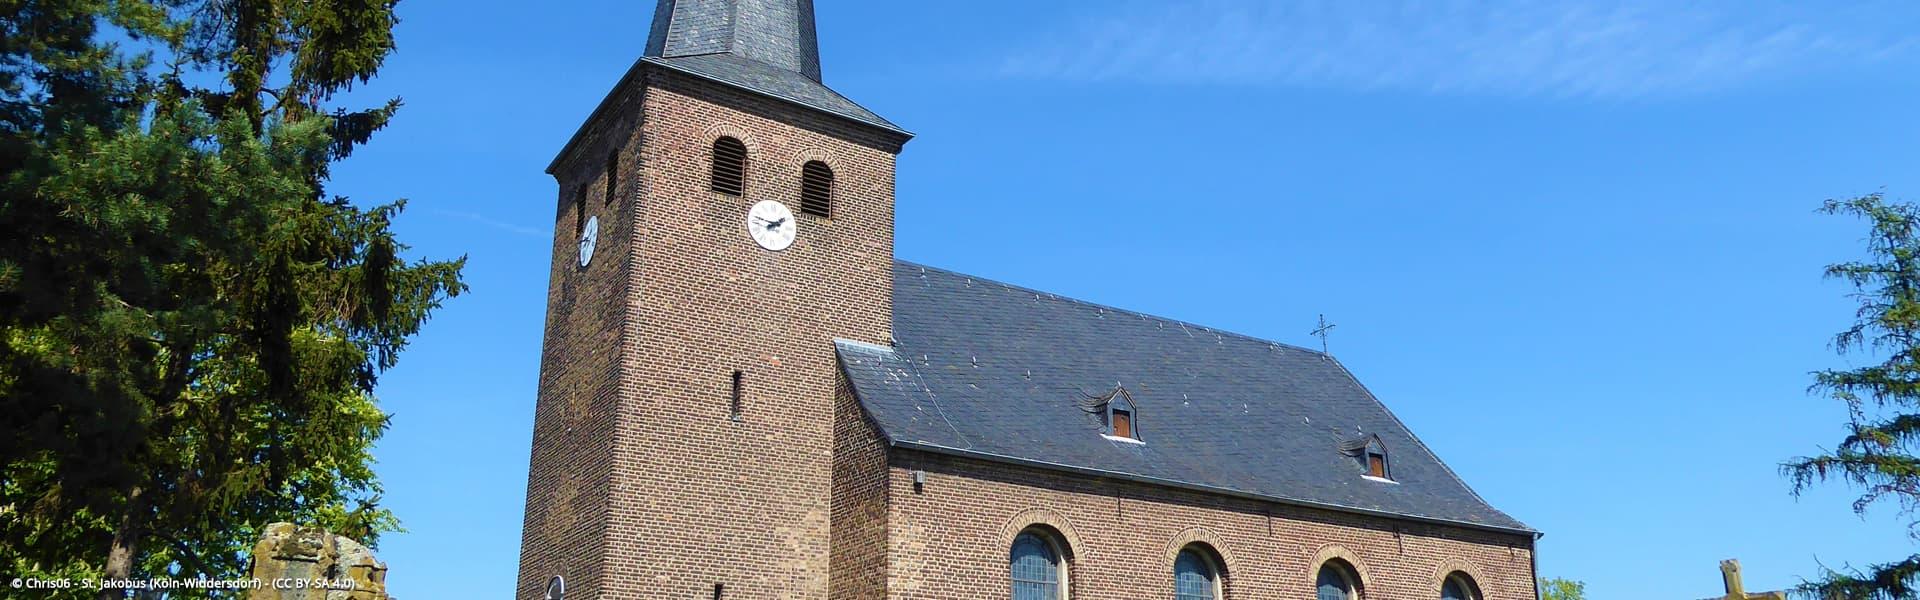 St. Jakobus (Köln-Widdersdorf)